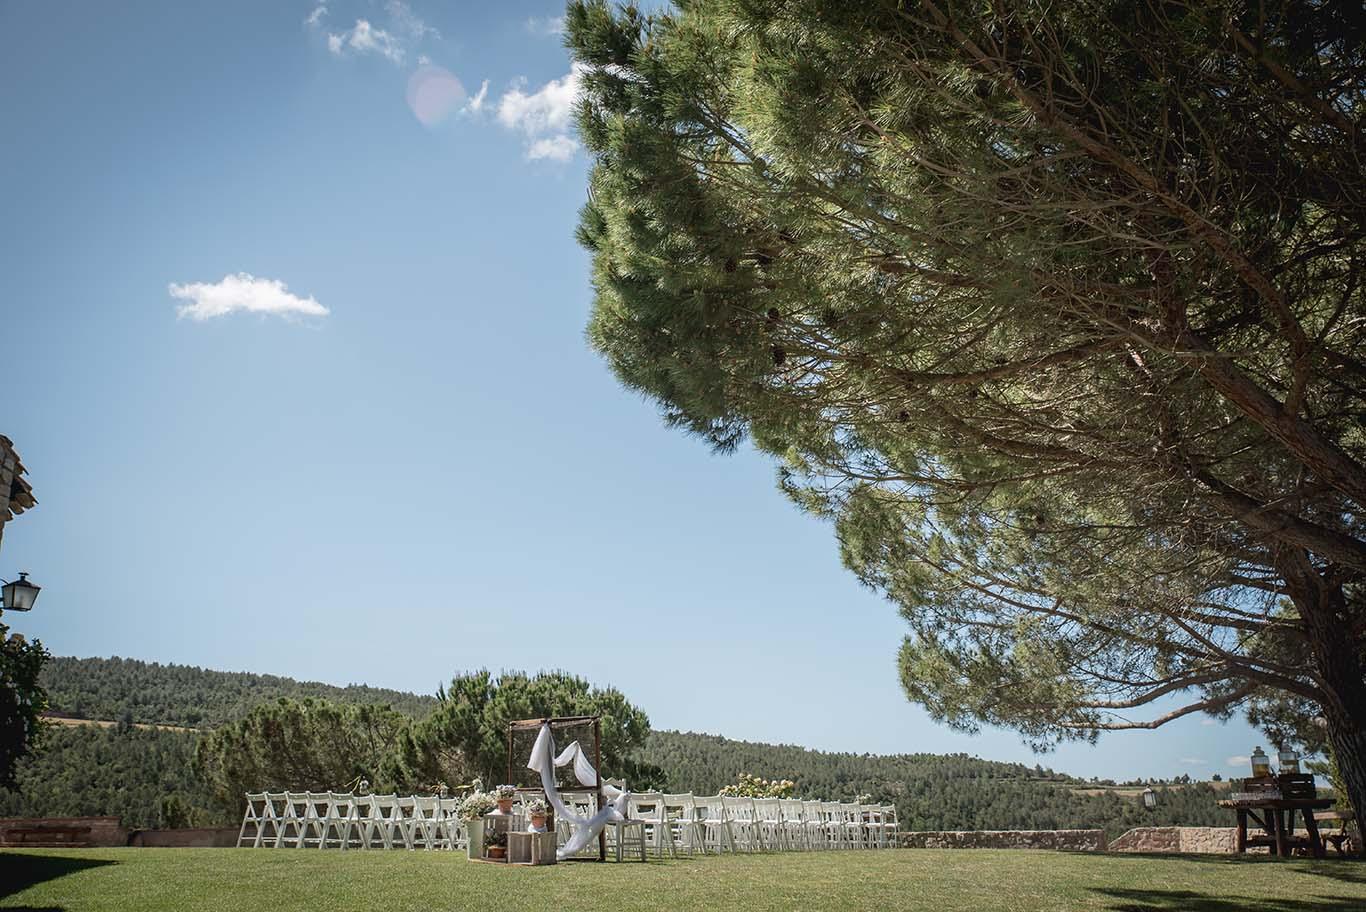 Casaments-ca-nalzina-espai-gastronomia90